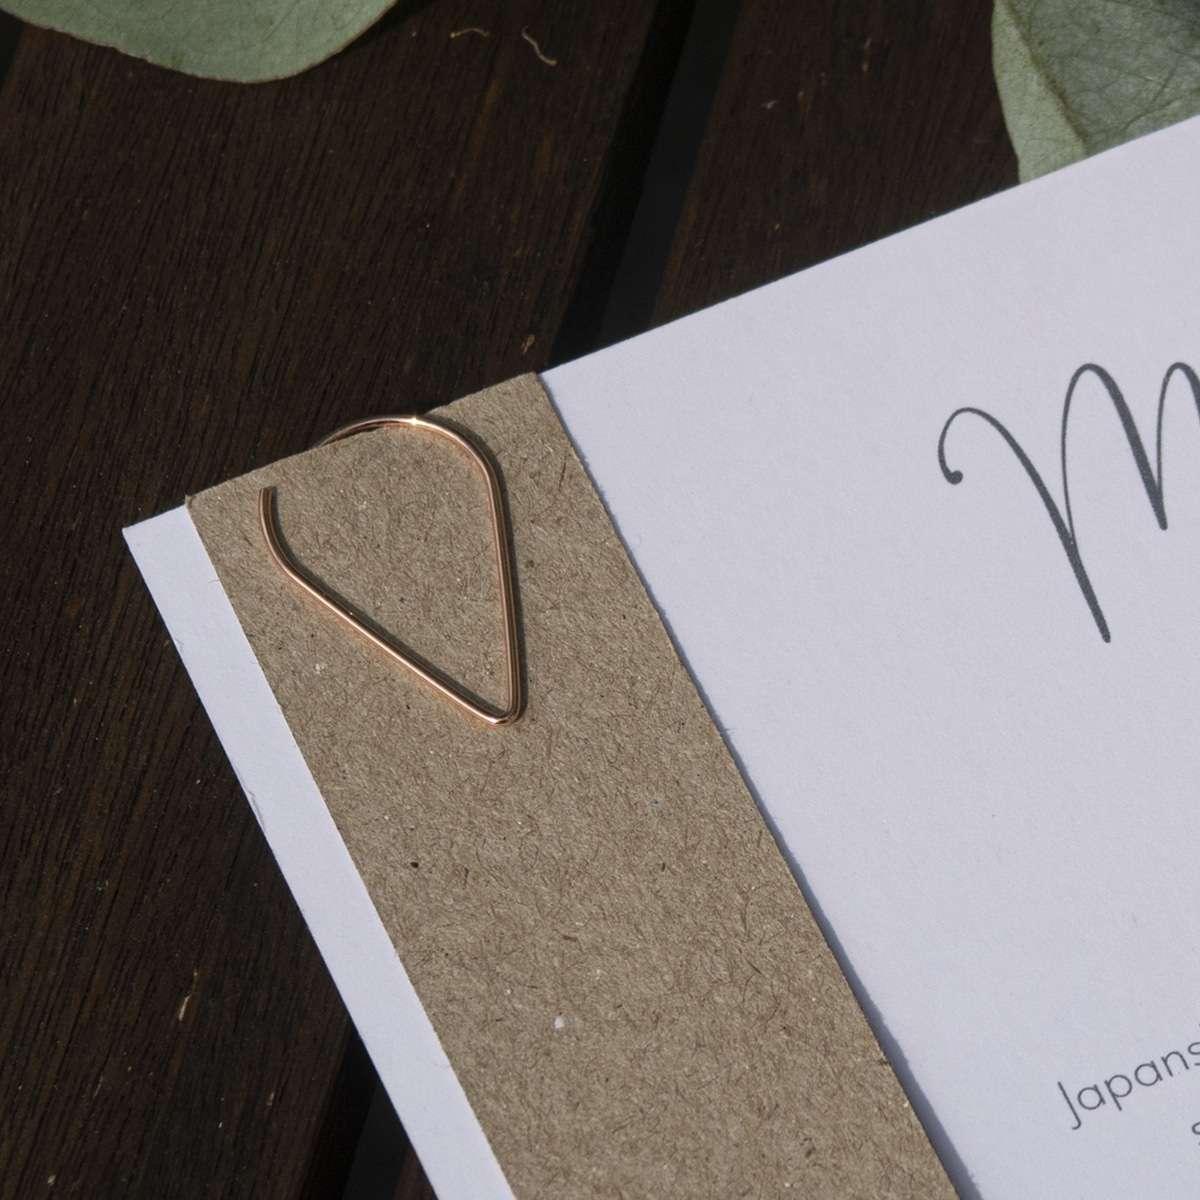 Dråbeformet papirclips i rosegold-farvet metal. Perfekt til at fastsætte bordkort med menukortet eller til kæreskilt på invitationen.